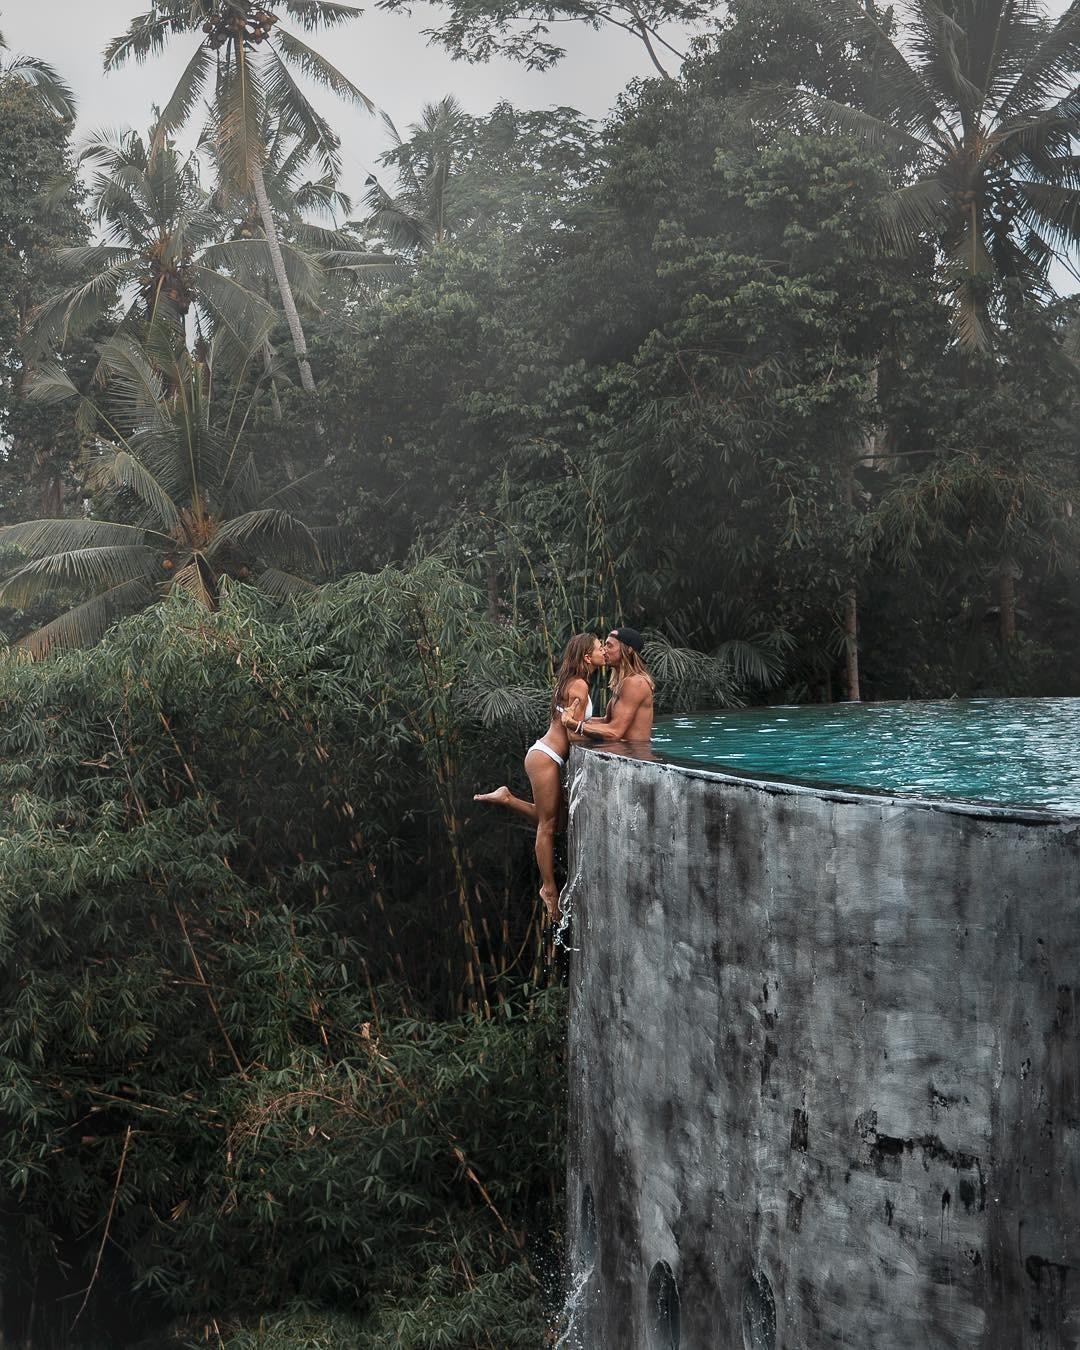 """Bất chấp scandal trước, cặp đôi travel blogger tiếp tục mạo hiểm chụp ảnh """"sống ảo"""", còn """"cà khịa"""" lại chỉ trích của dân mạng - Ảnh 2."""